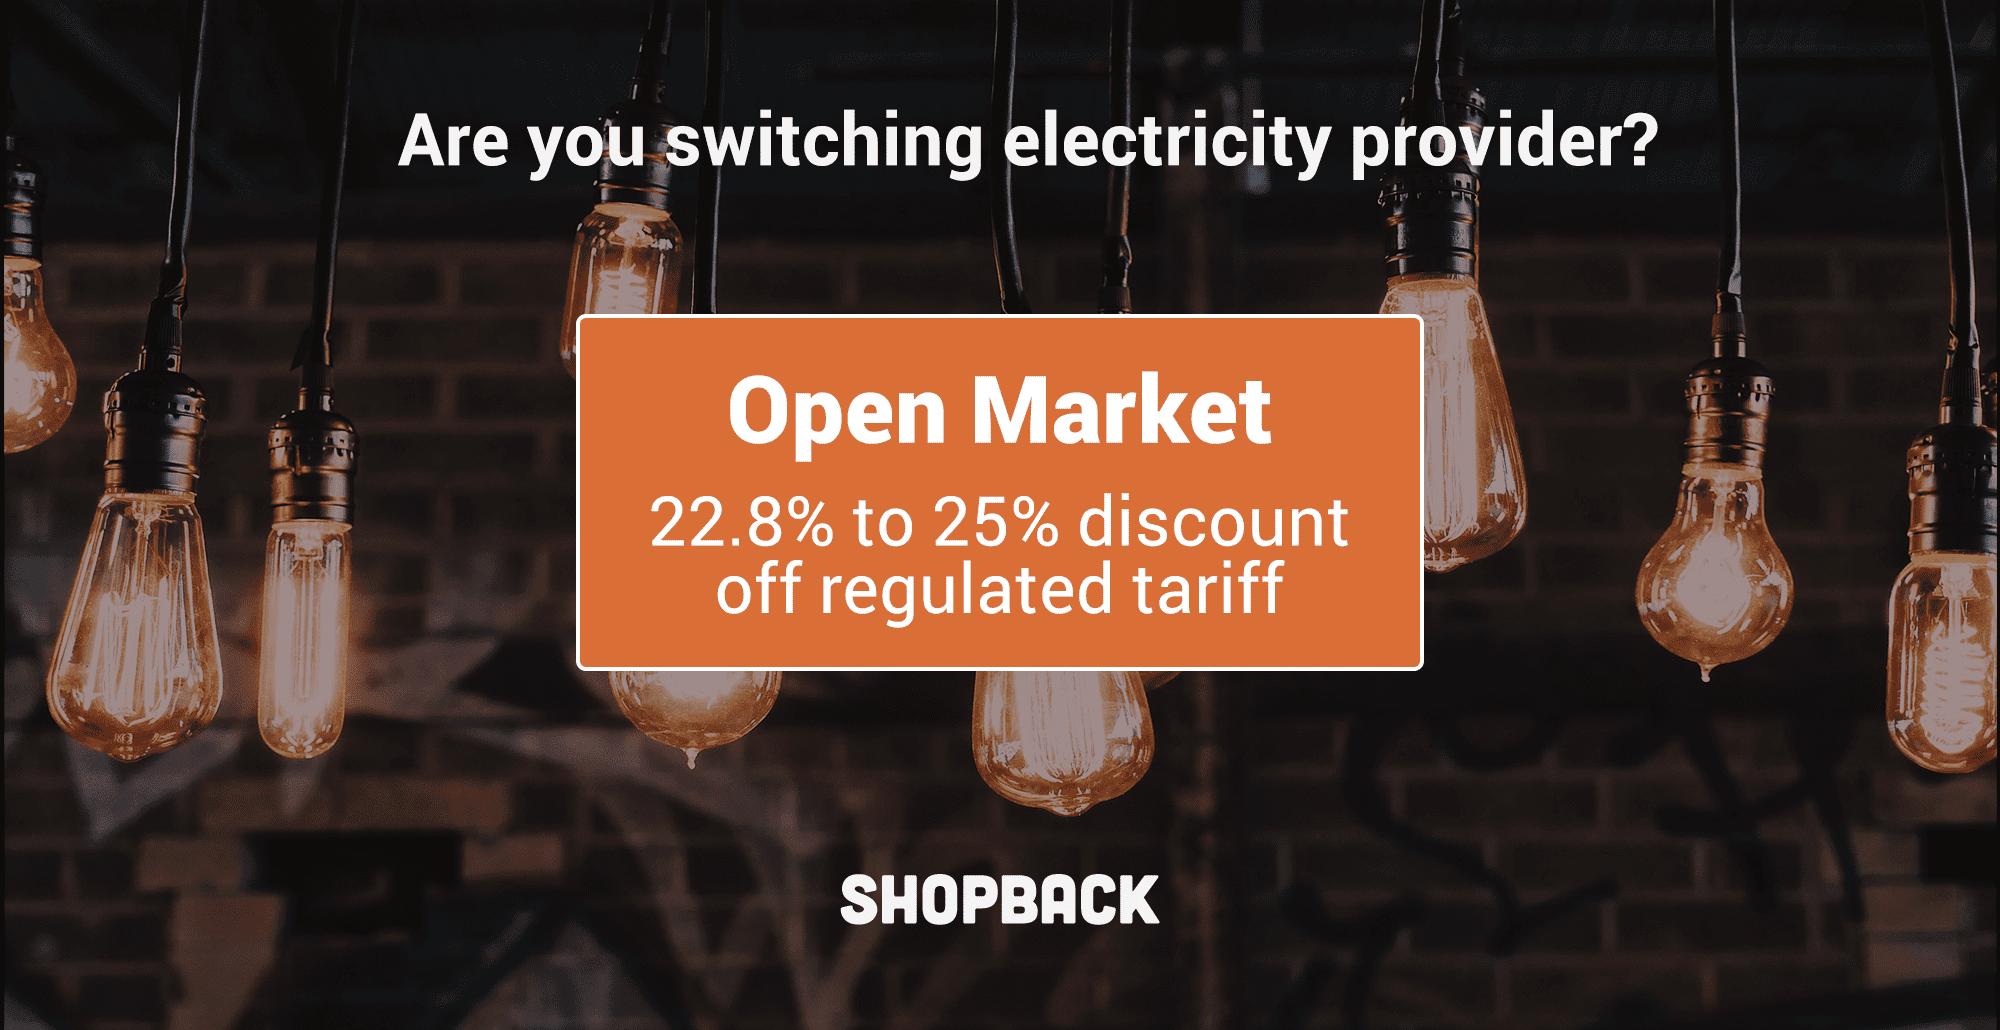 Singapore's Open Electricity Market: A Simple Comparison